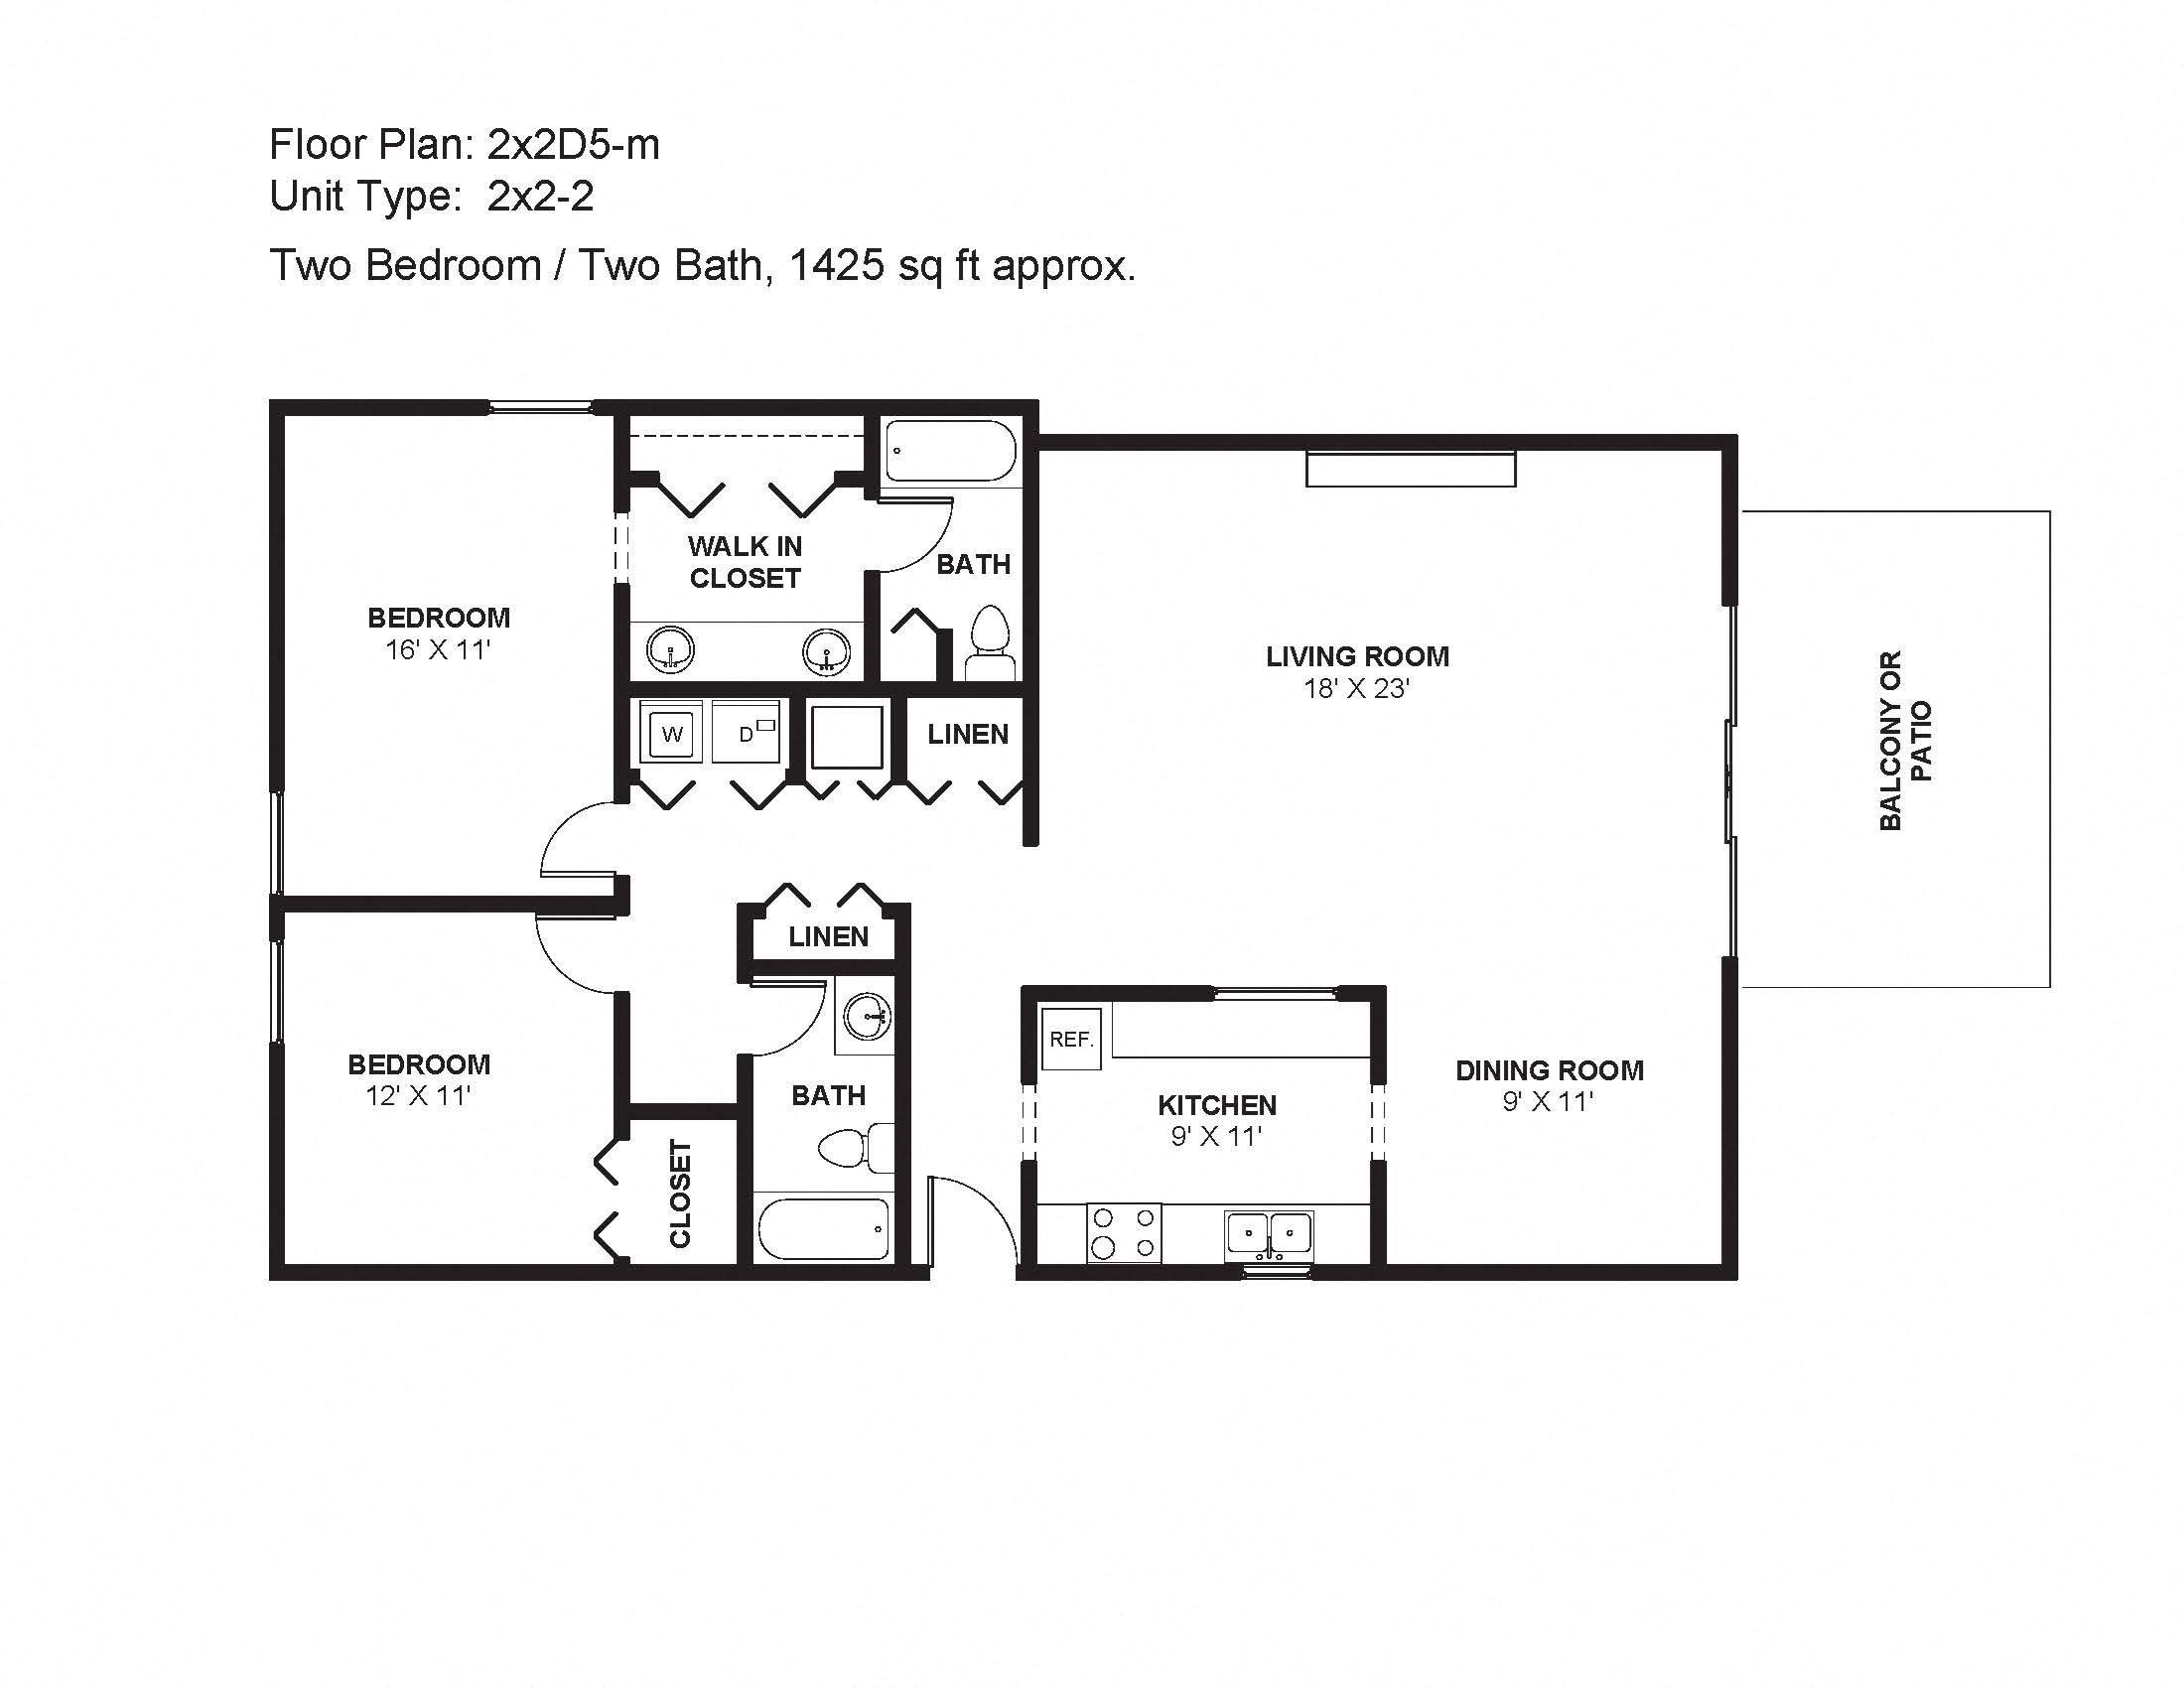 2x2D5-m Floor Plan 19